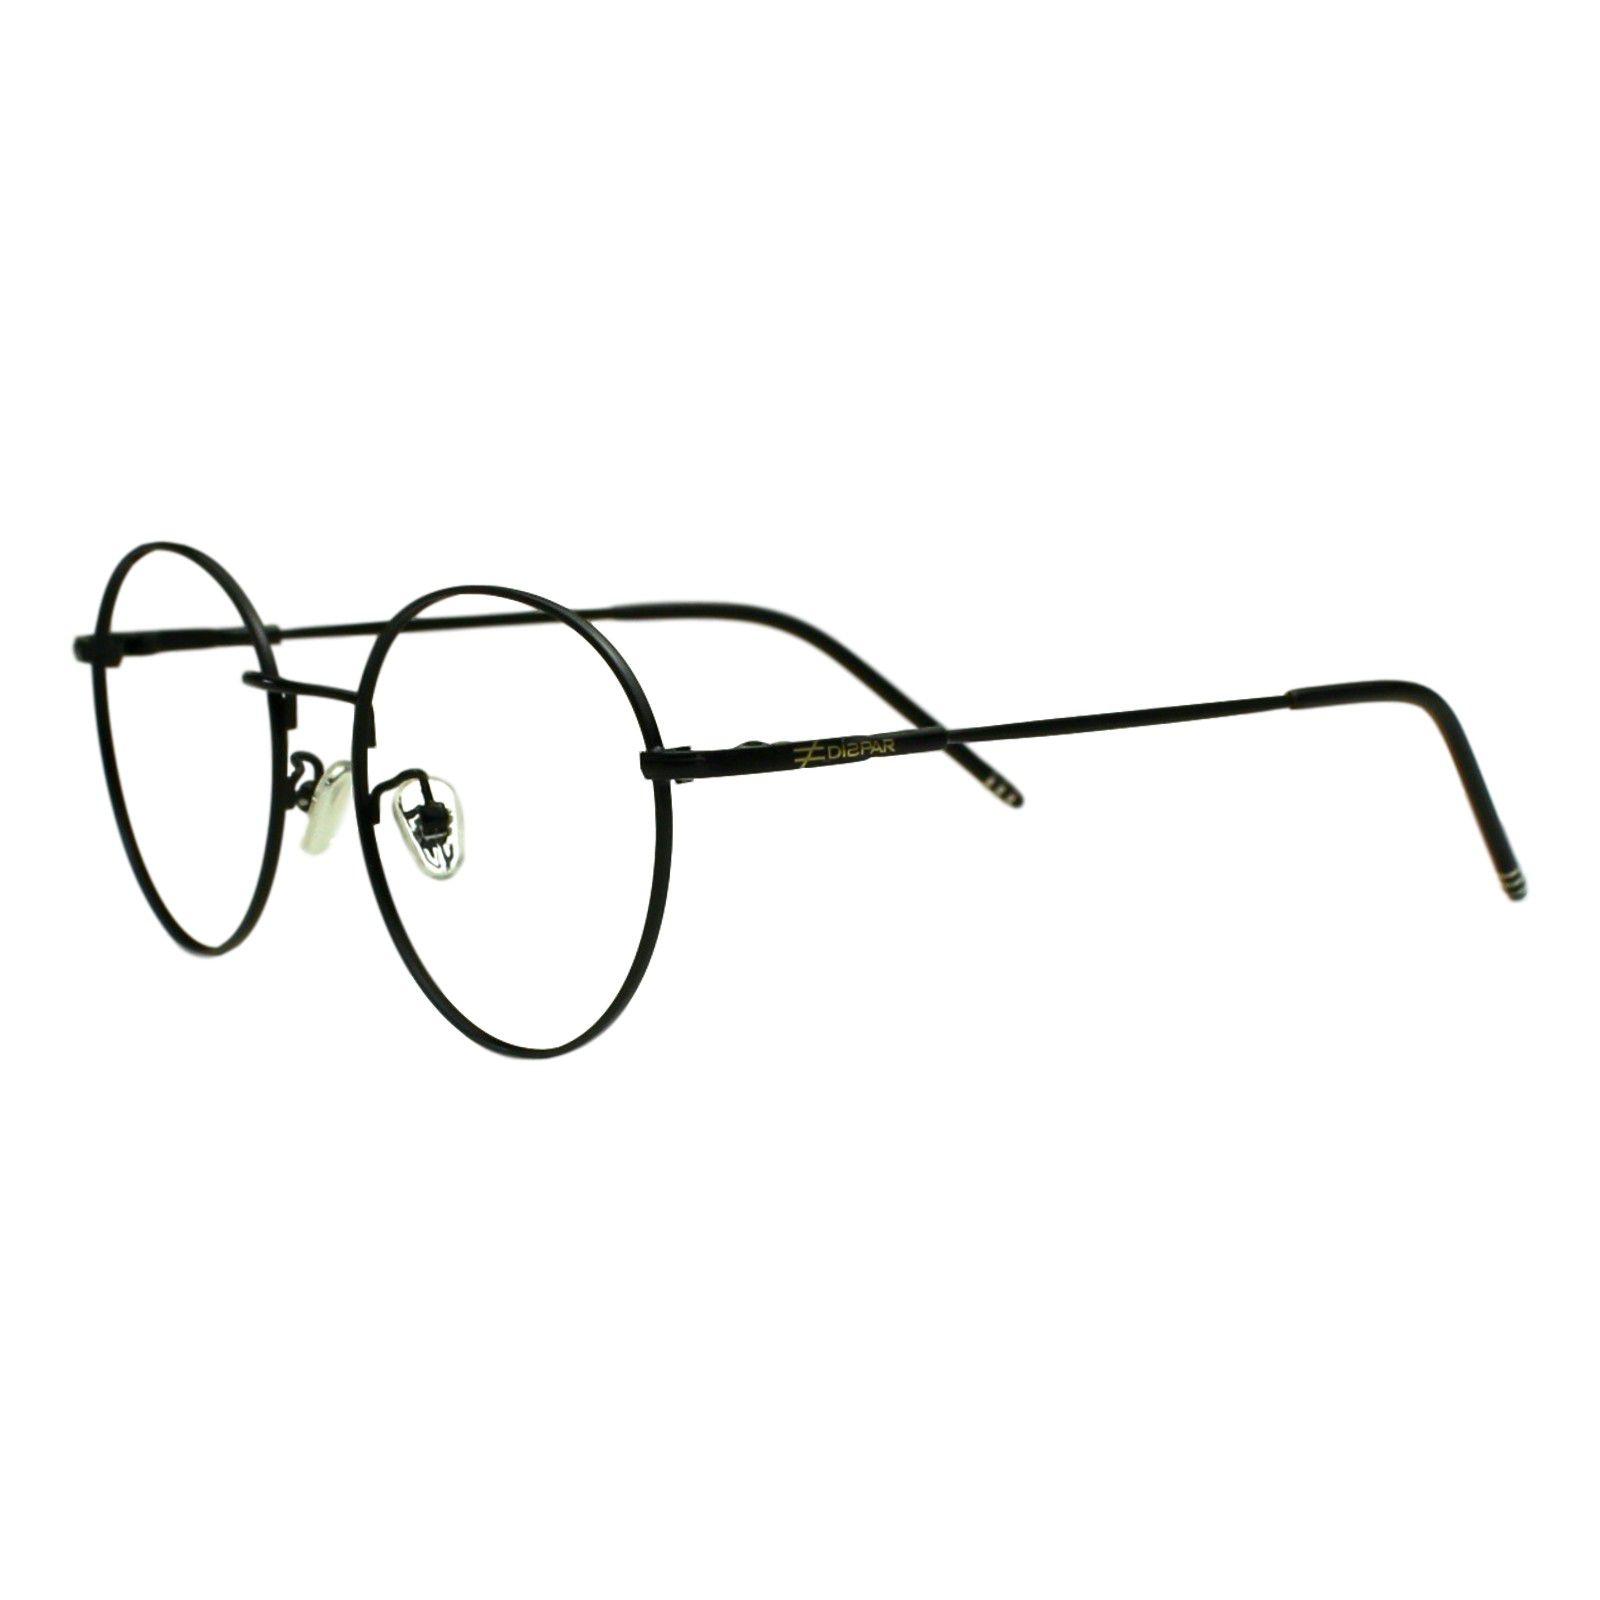 4078ad20ef952 Armação para Óculos Díspar D1947 Redondo Preto